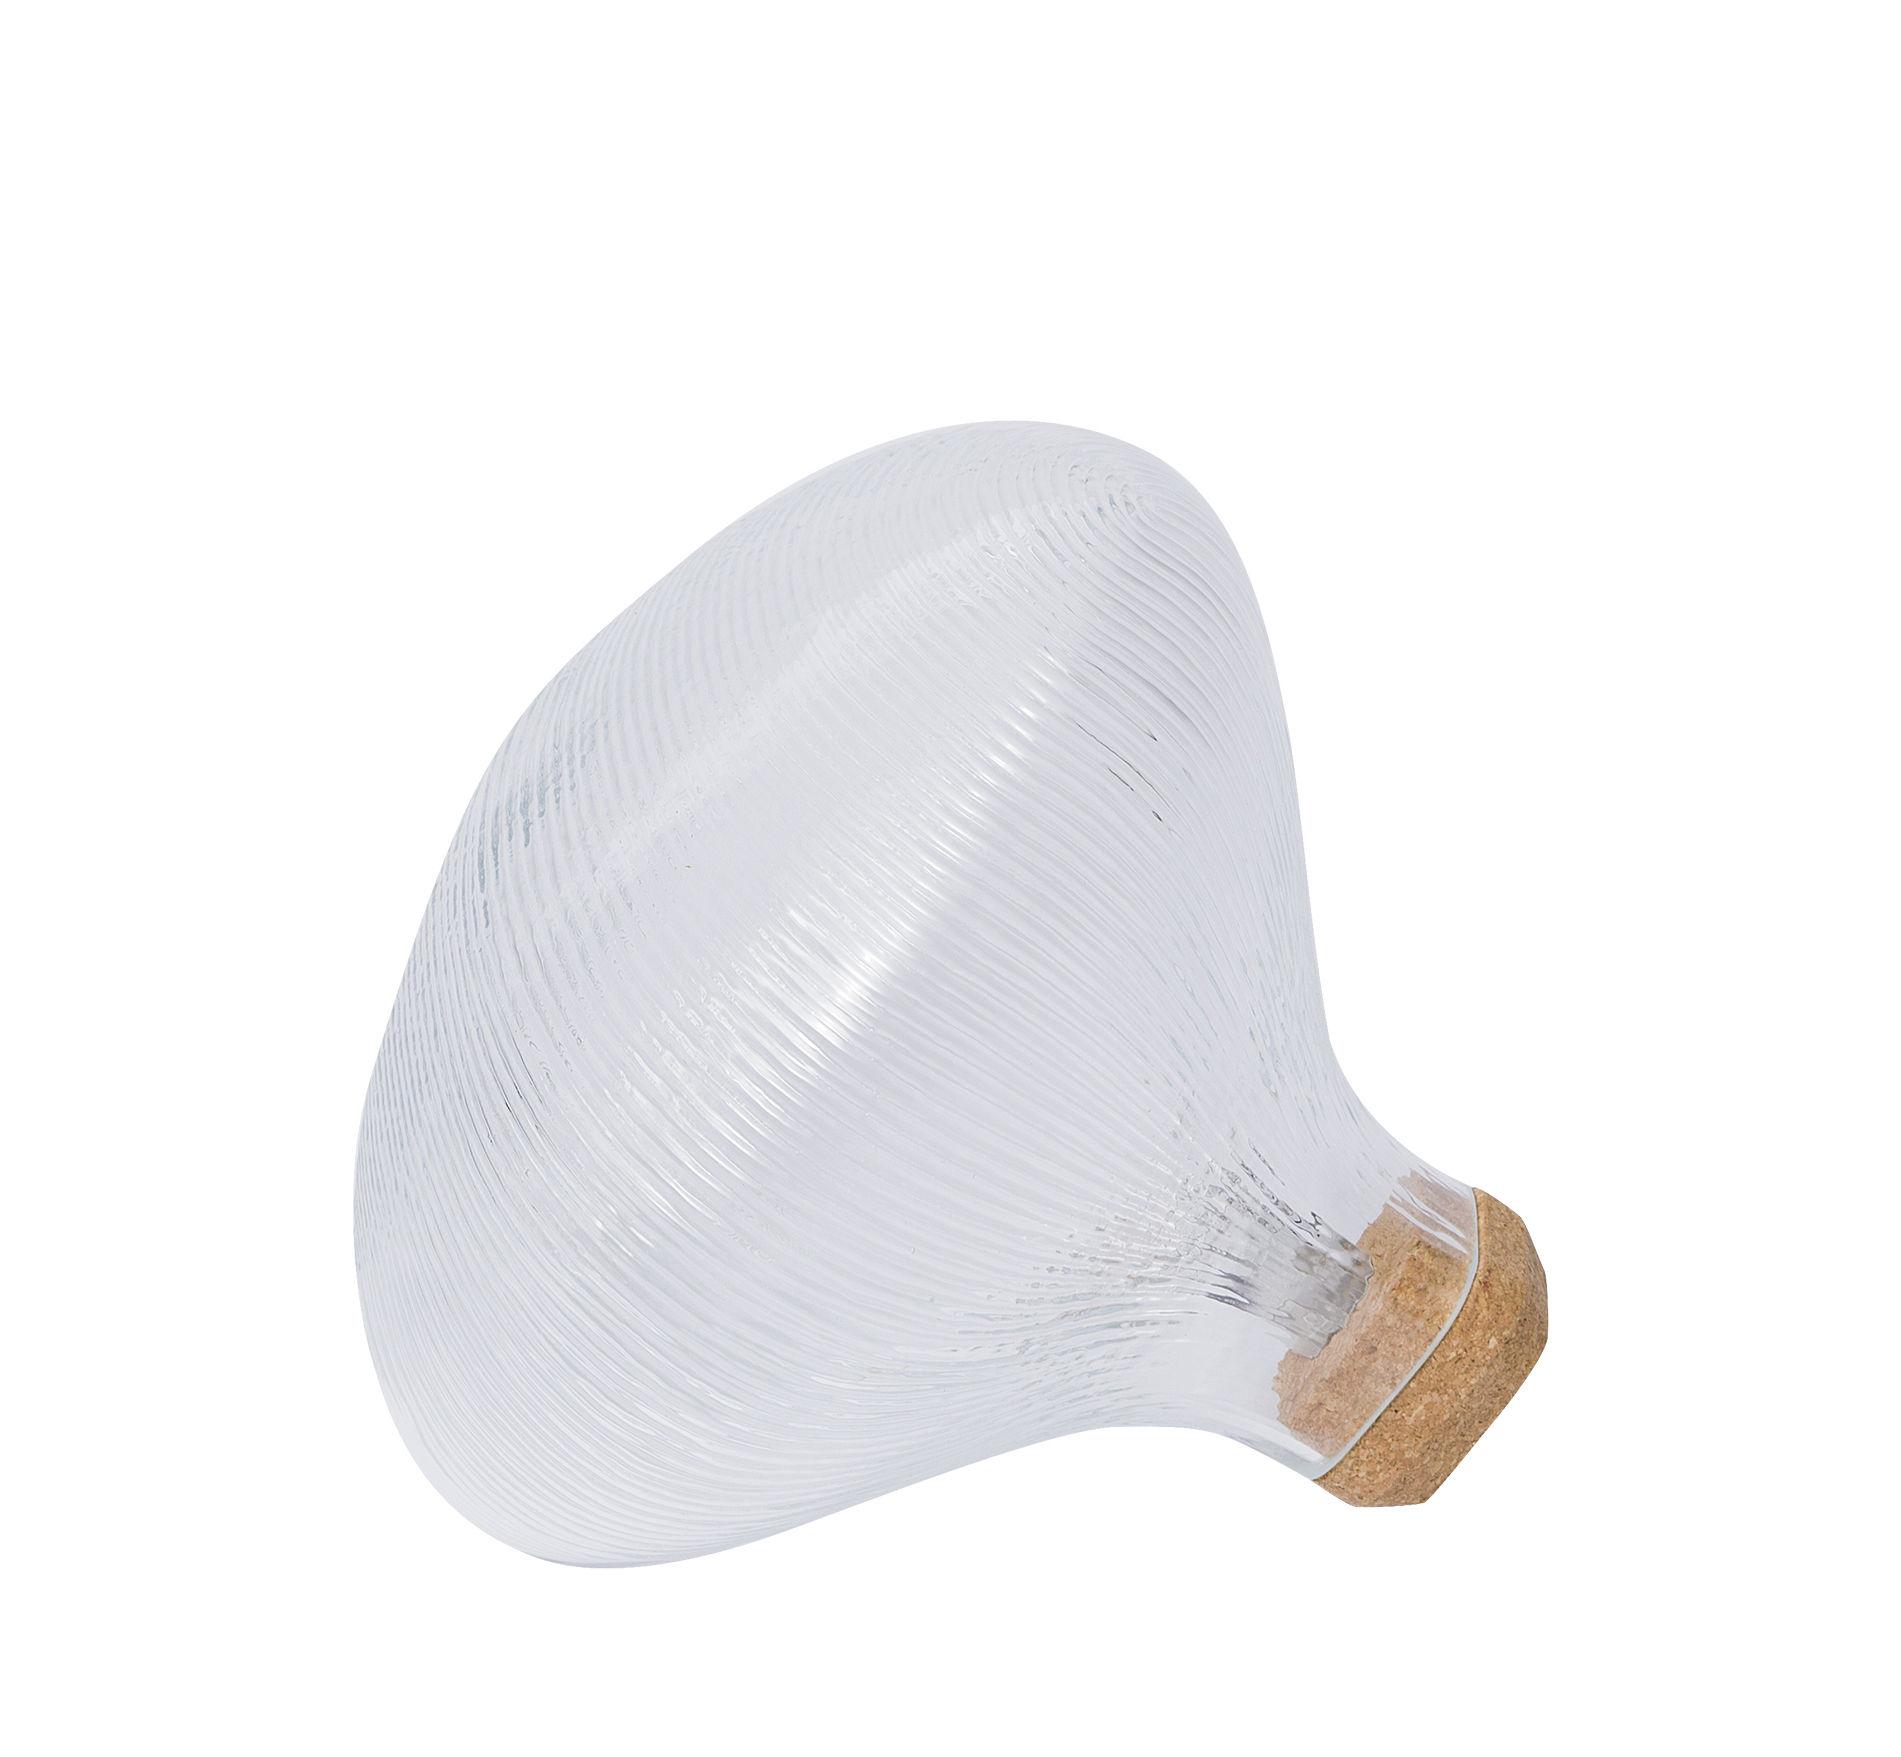 Leuchten - Tischleuchten - Tidelight Tischleuchte - Petite Friture - Transparent - geblasenes Glas, Kork